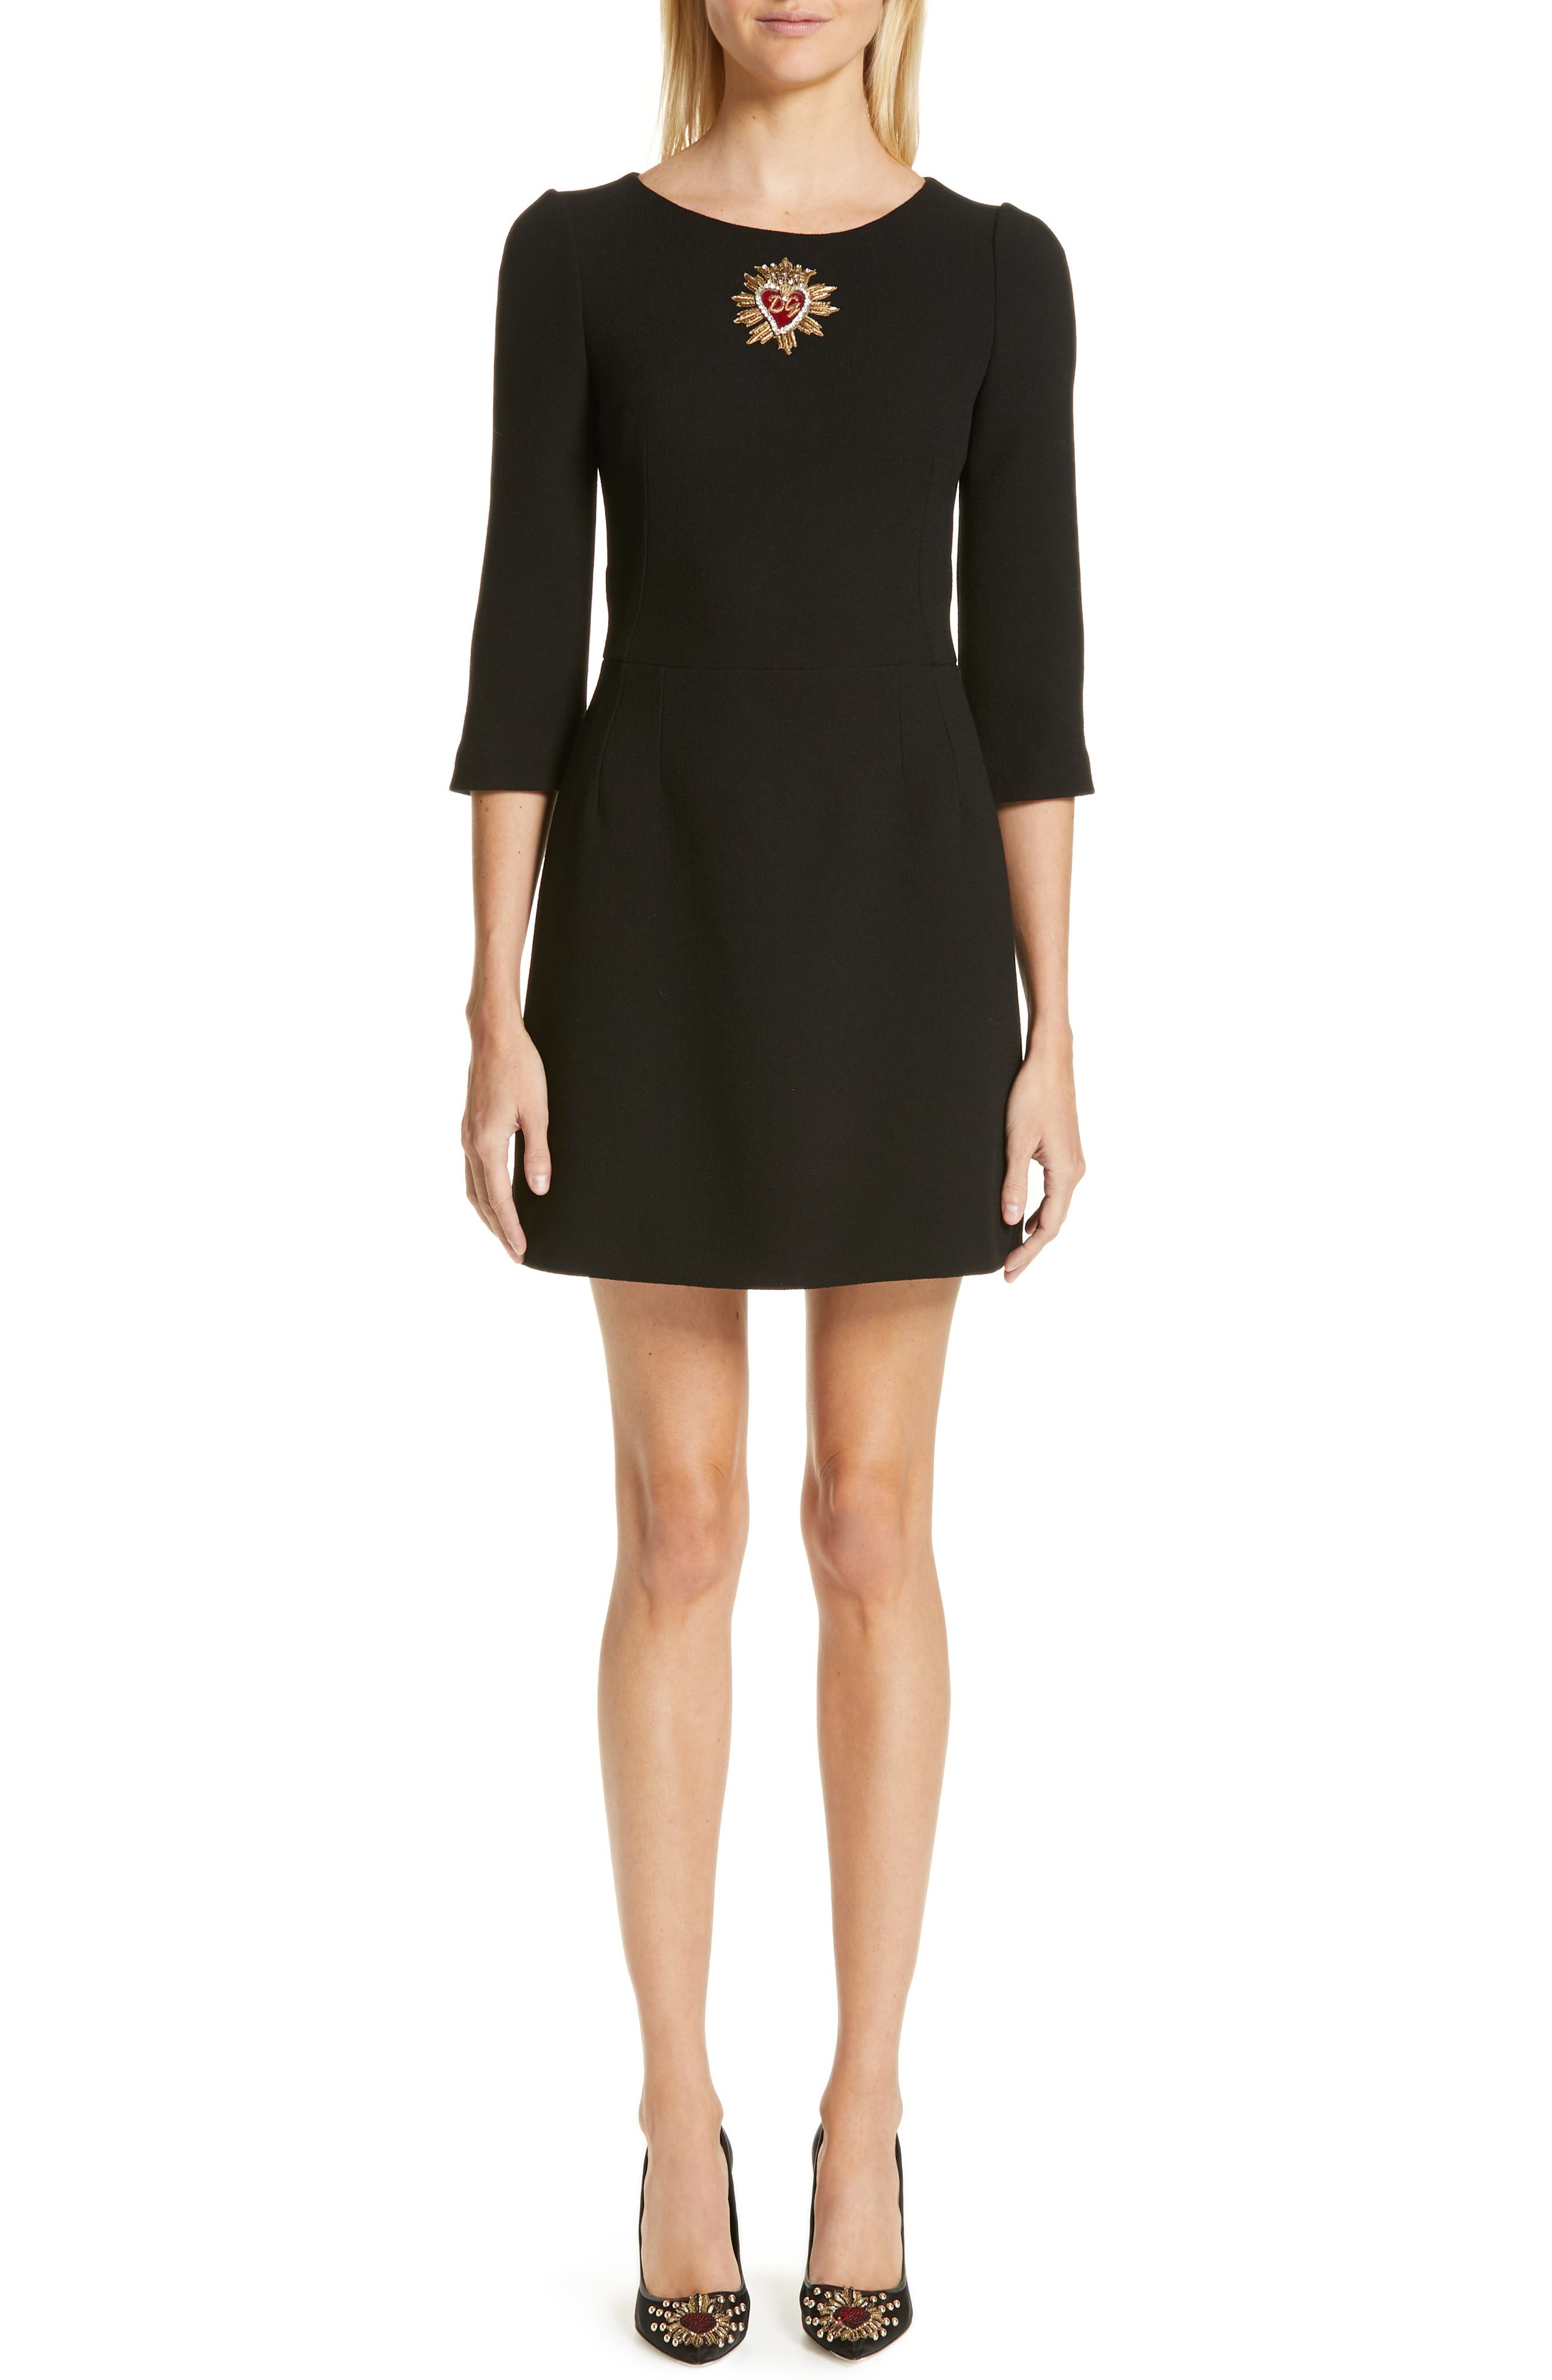 Dolce & gabbana Heart Embellished Crepe Dress, US / 44 IT - Black